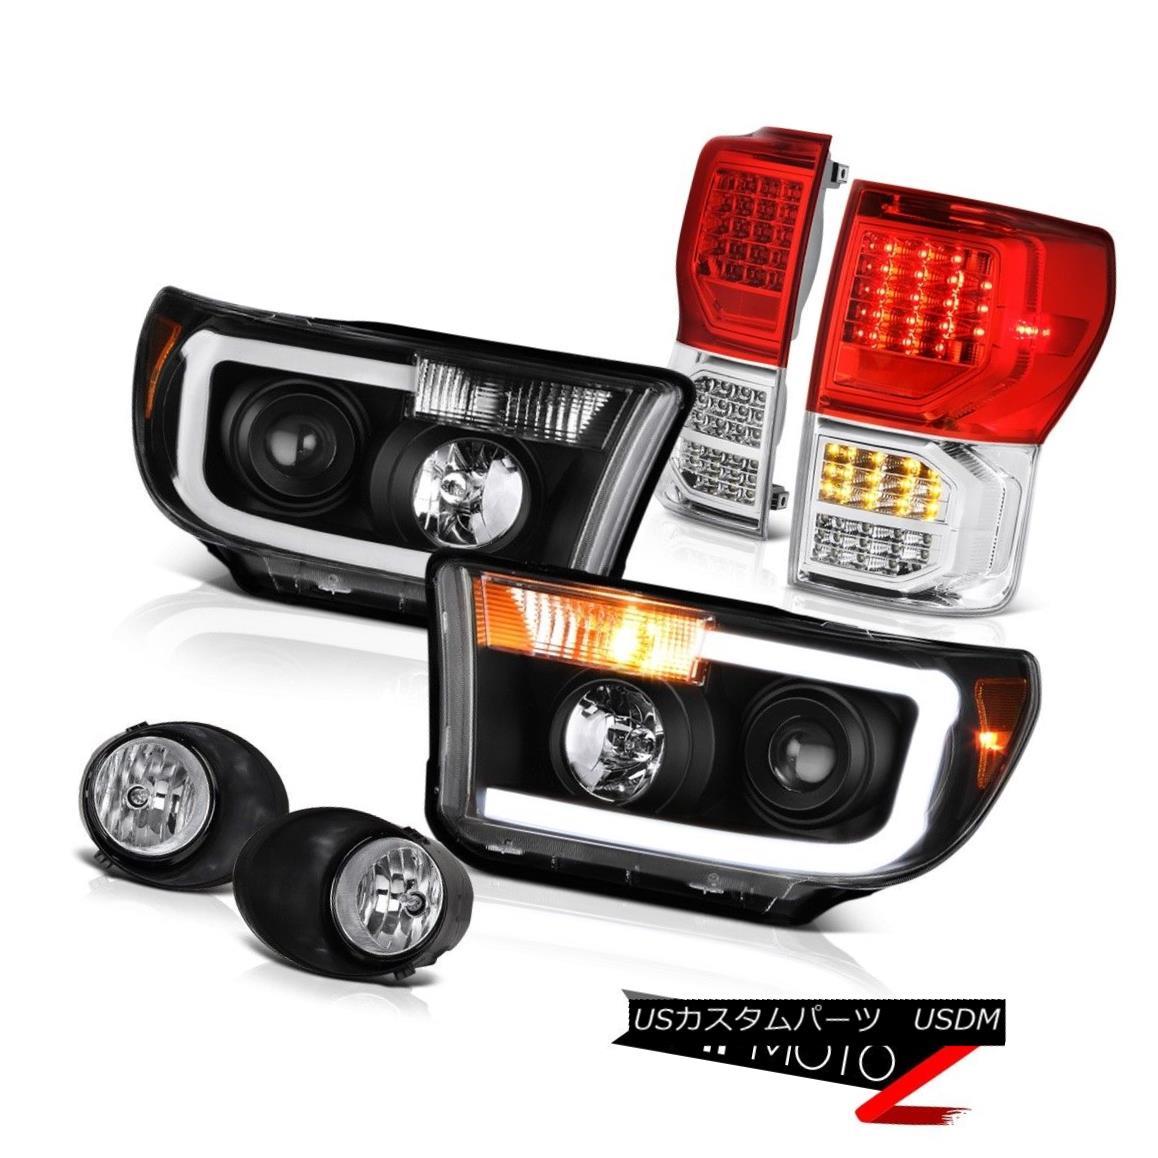 ヘッドライト 2007-2013 Toyota Tundra Limited Wine Red Taillamps Headlights Fog Lights Newest 2007-2013トヨタ・トンドラ限定ワイン・レッド・タイルランプヘッドライトフォグ・ライト最新